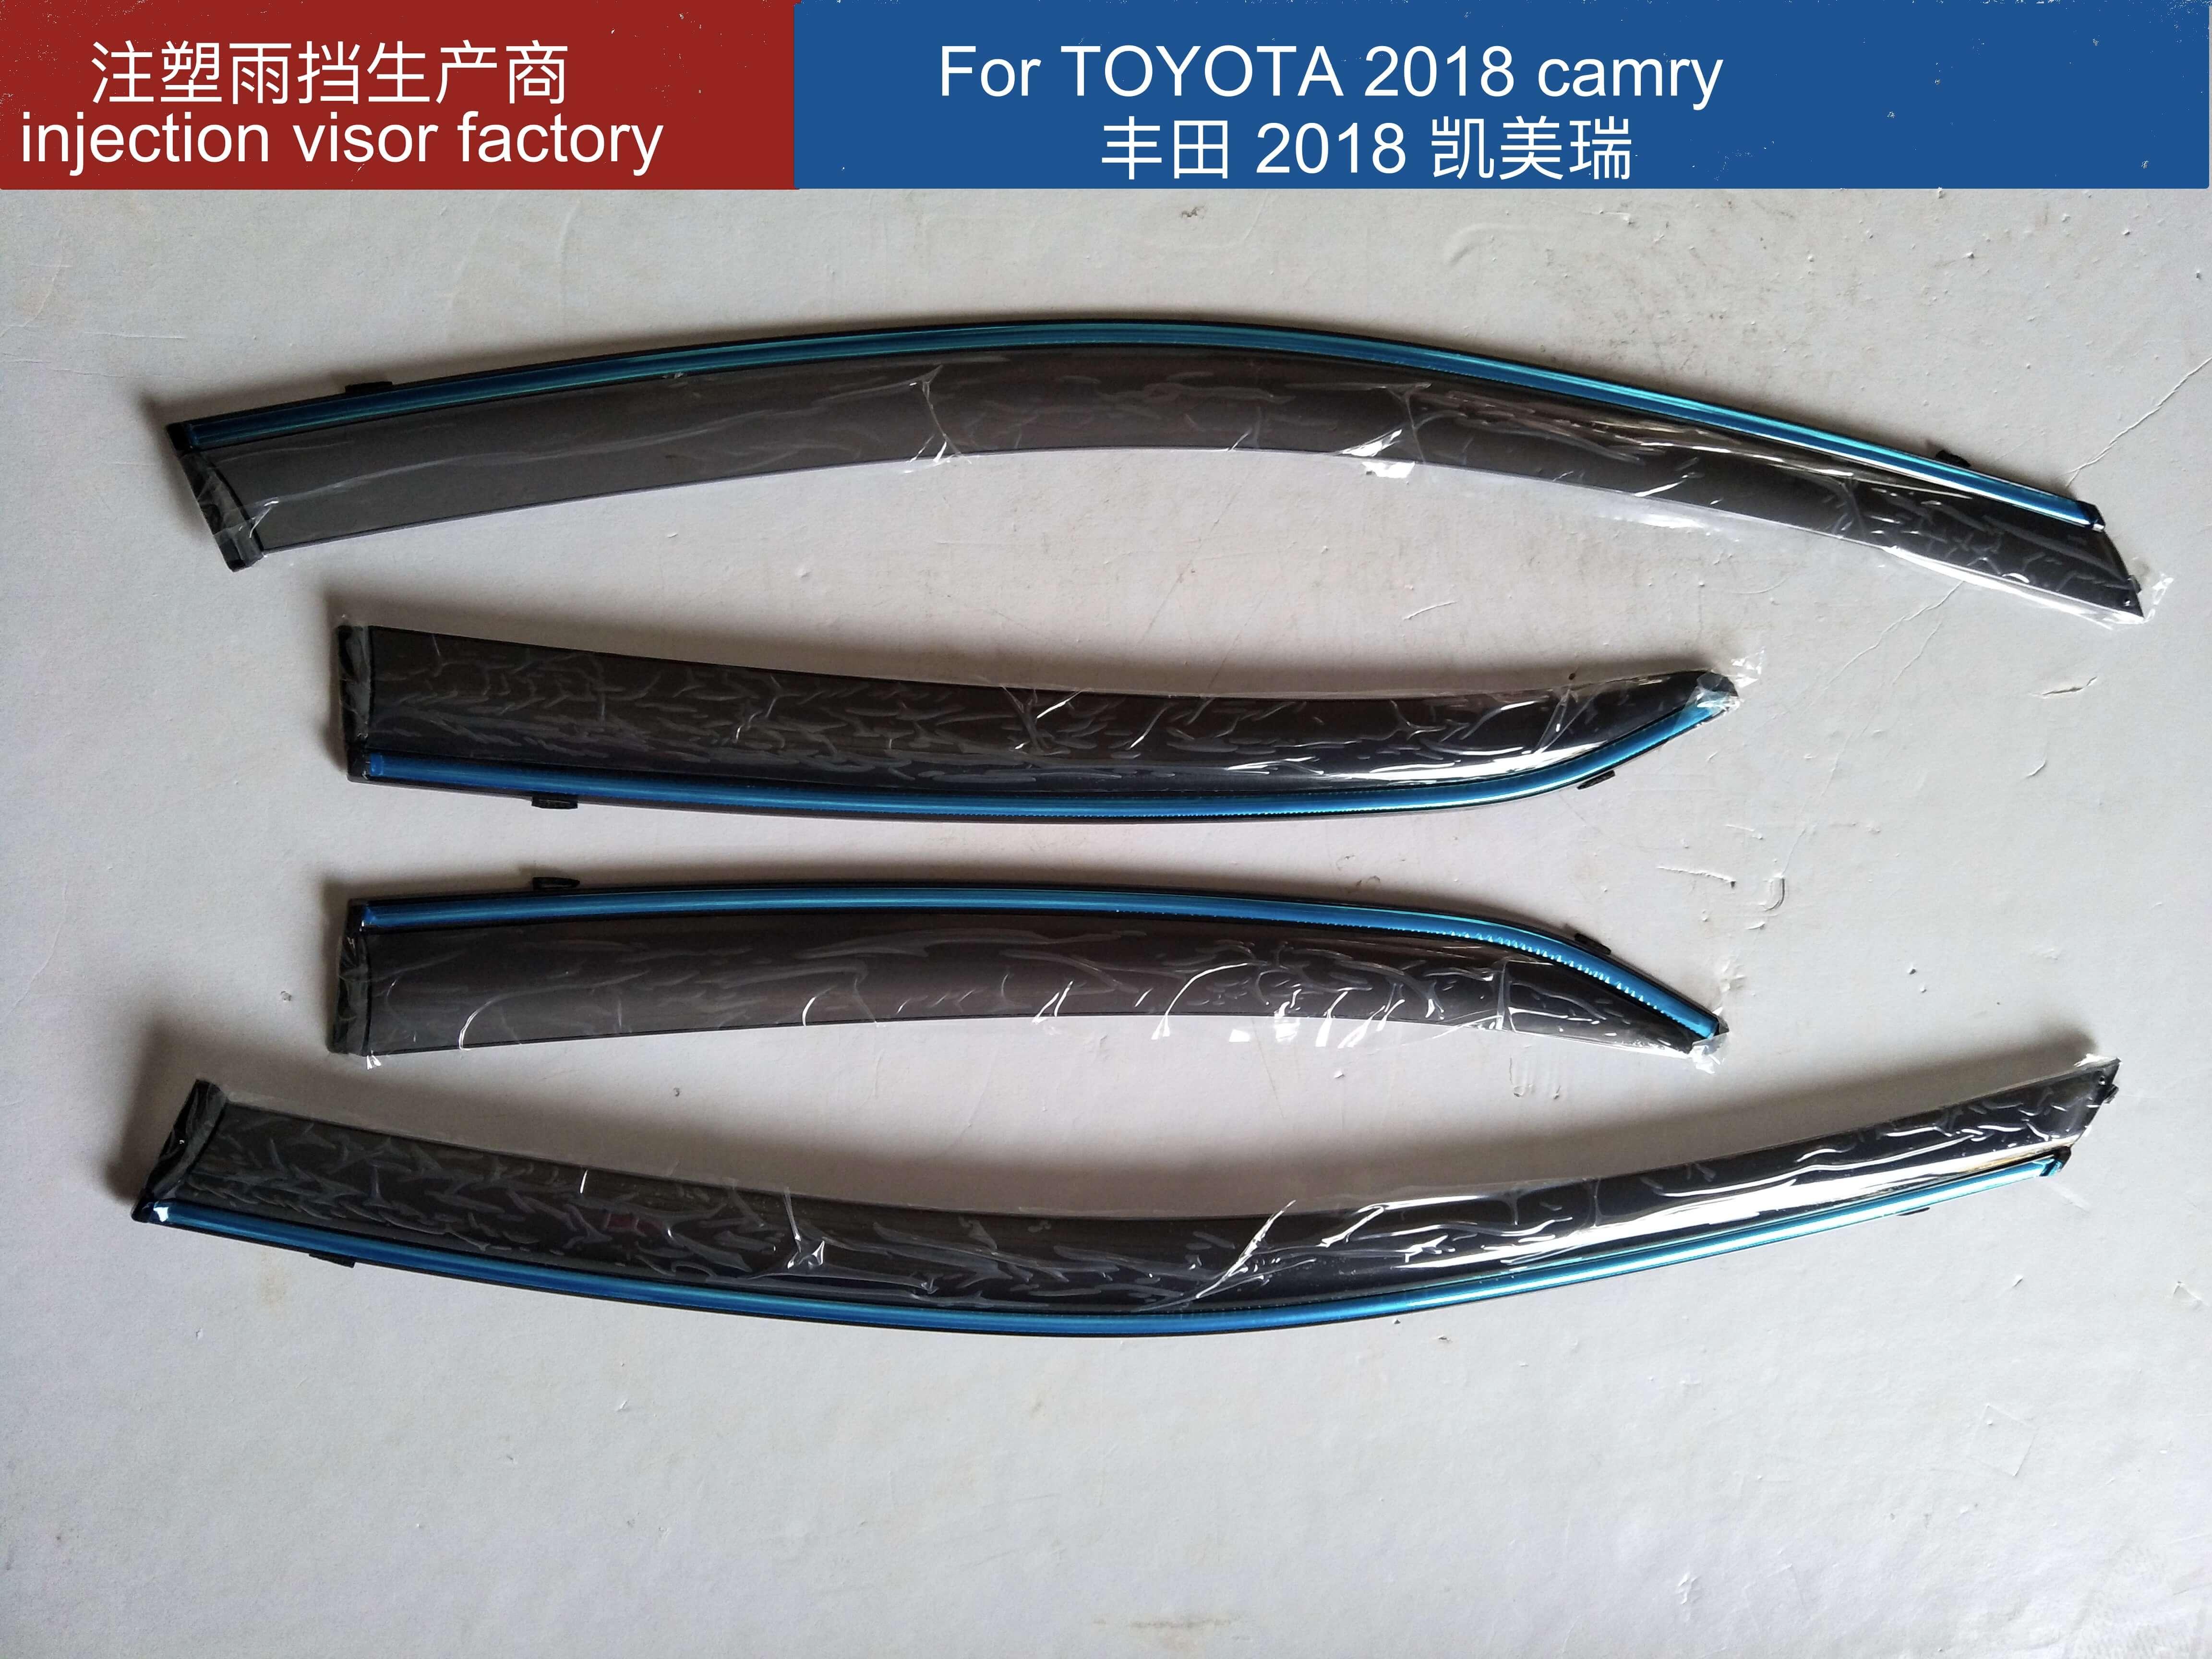 2018 toyota camry injection door visor